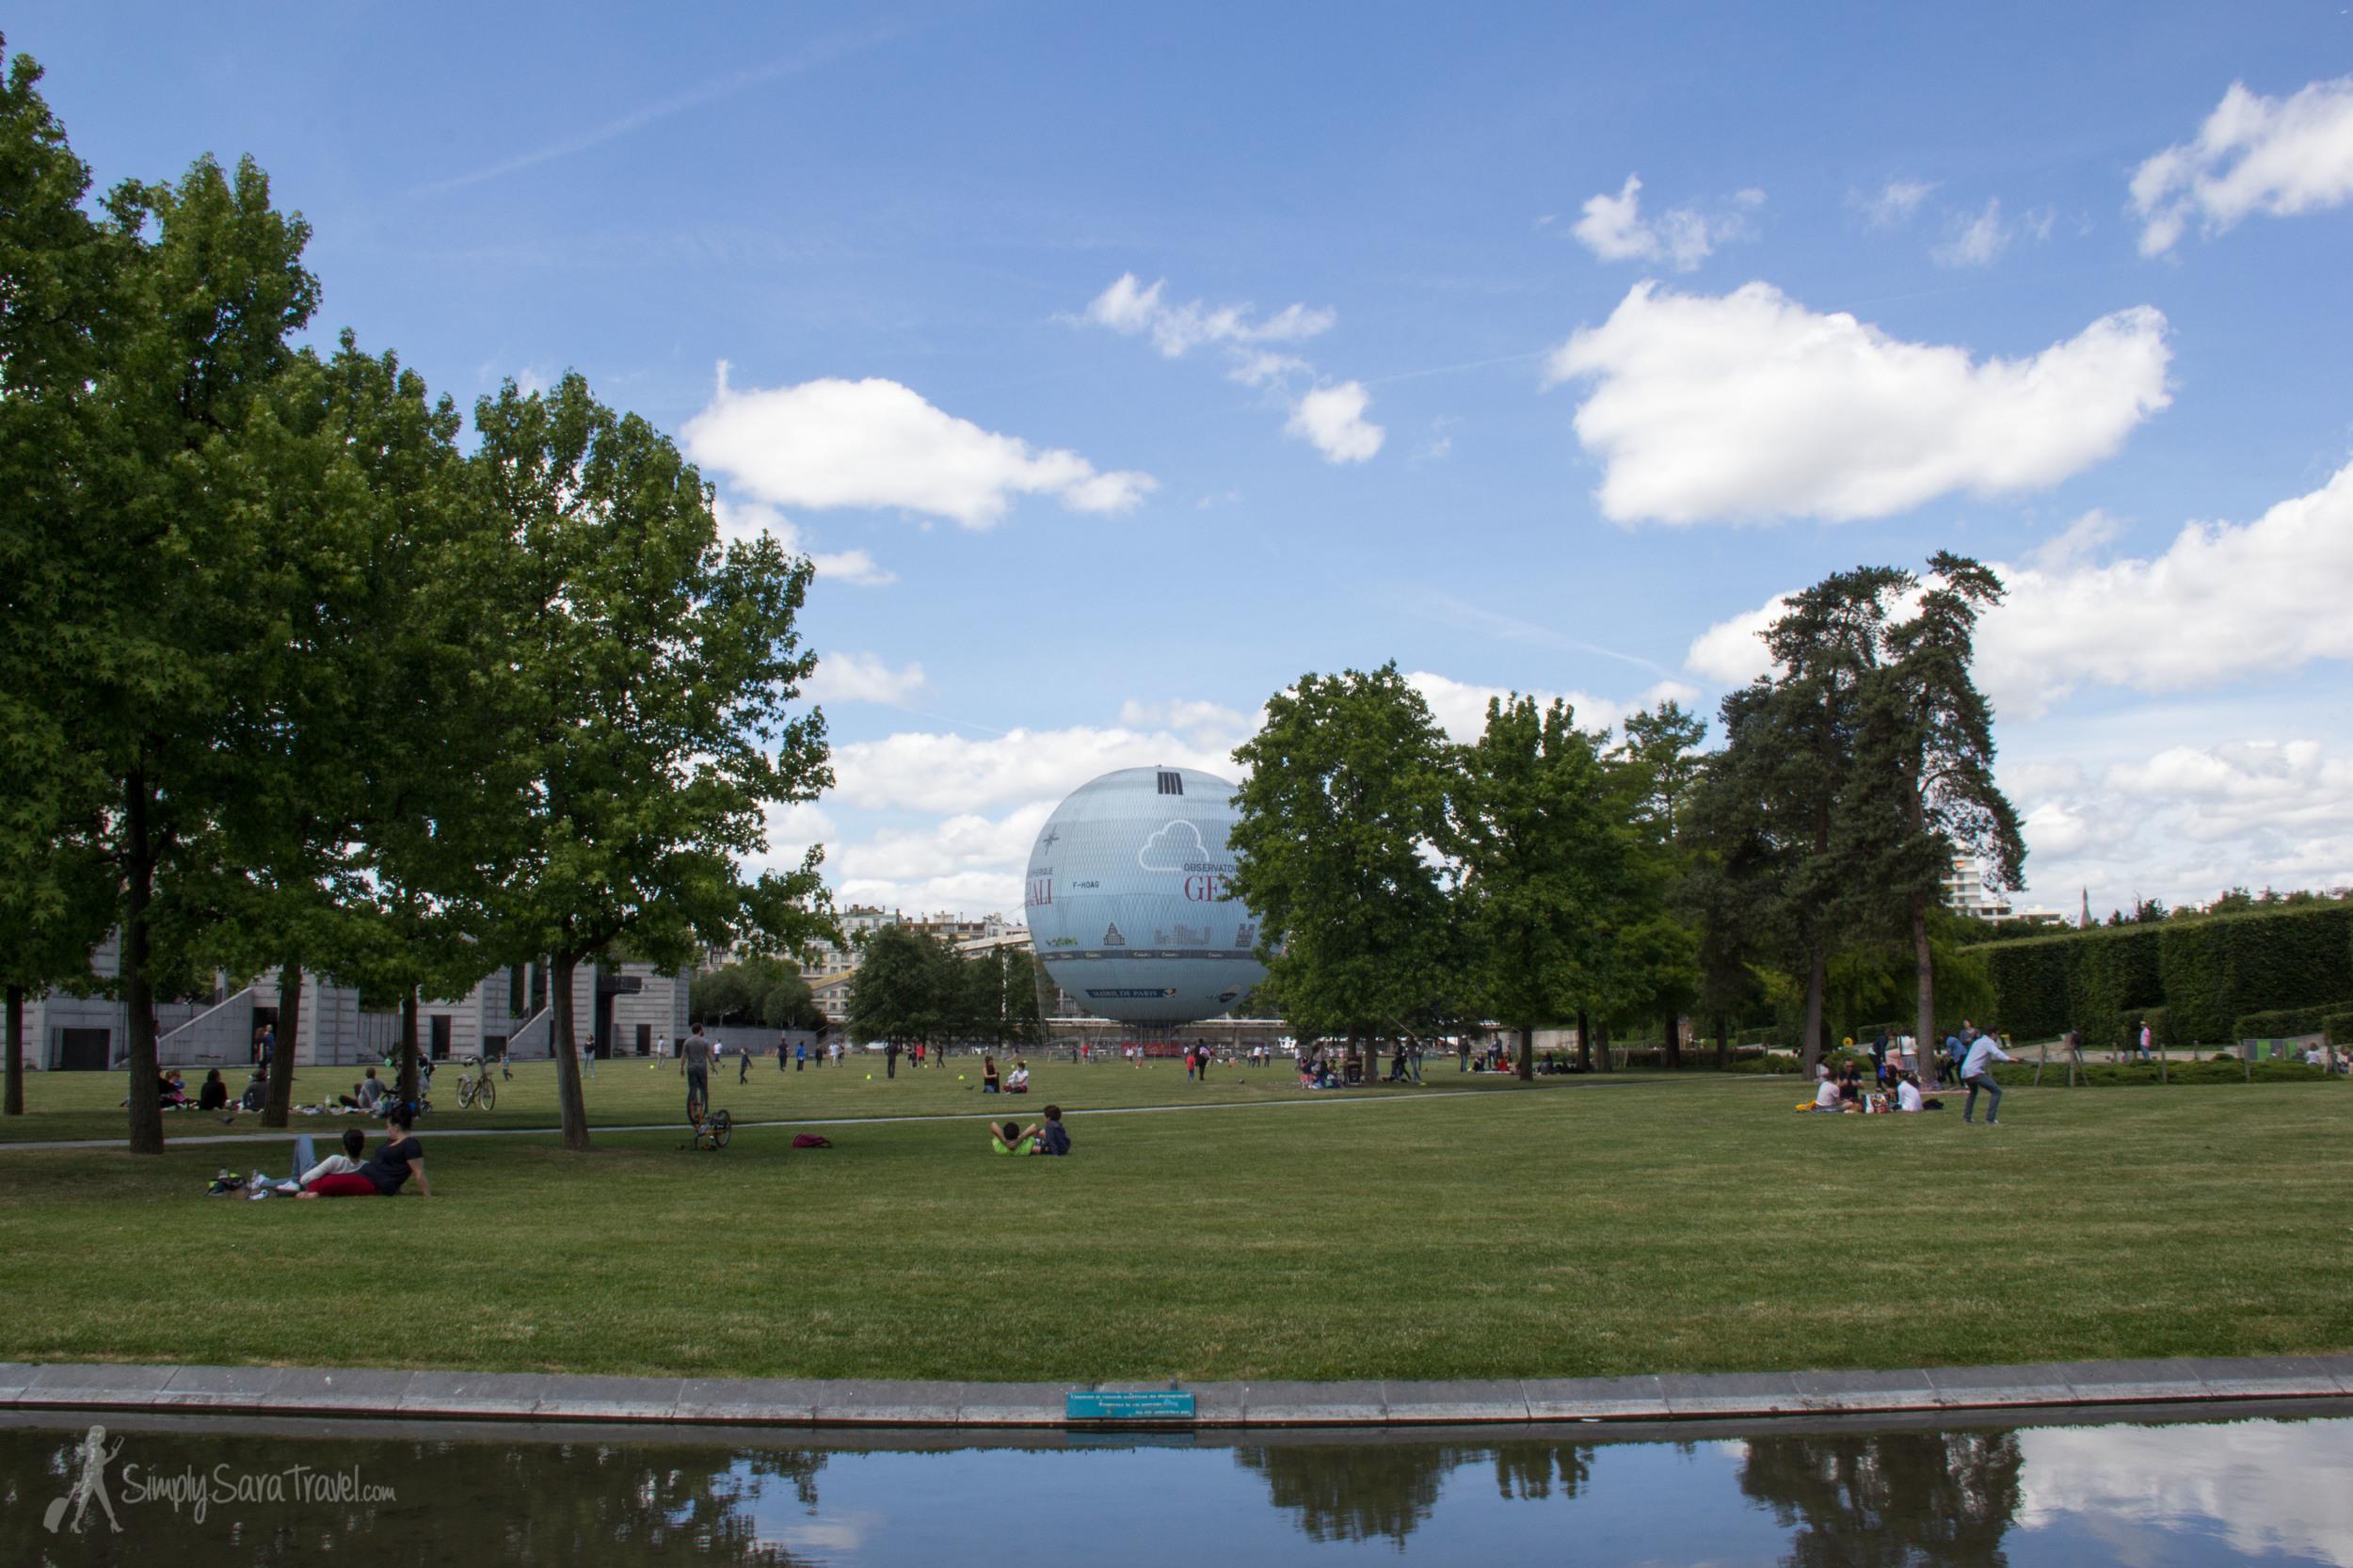 Lawn of Parc Andre Citroen, Paris, France, Ballon de Paris